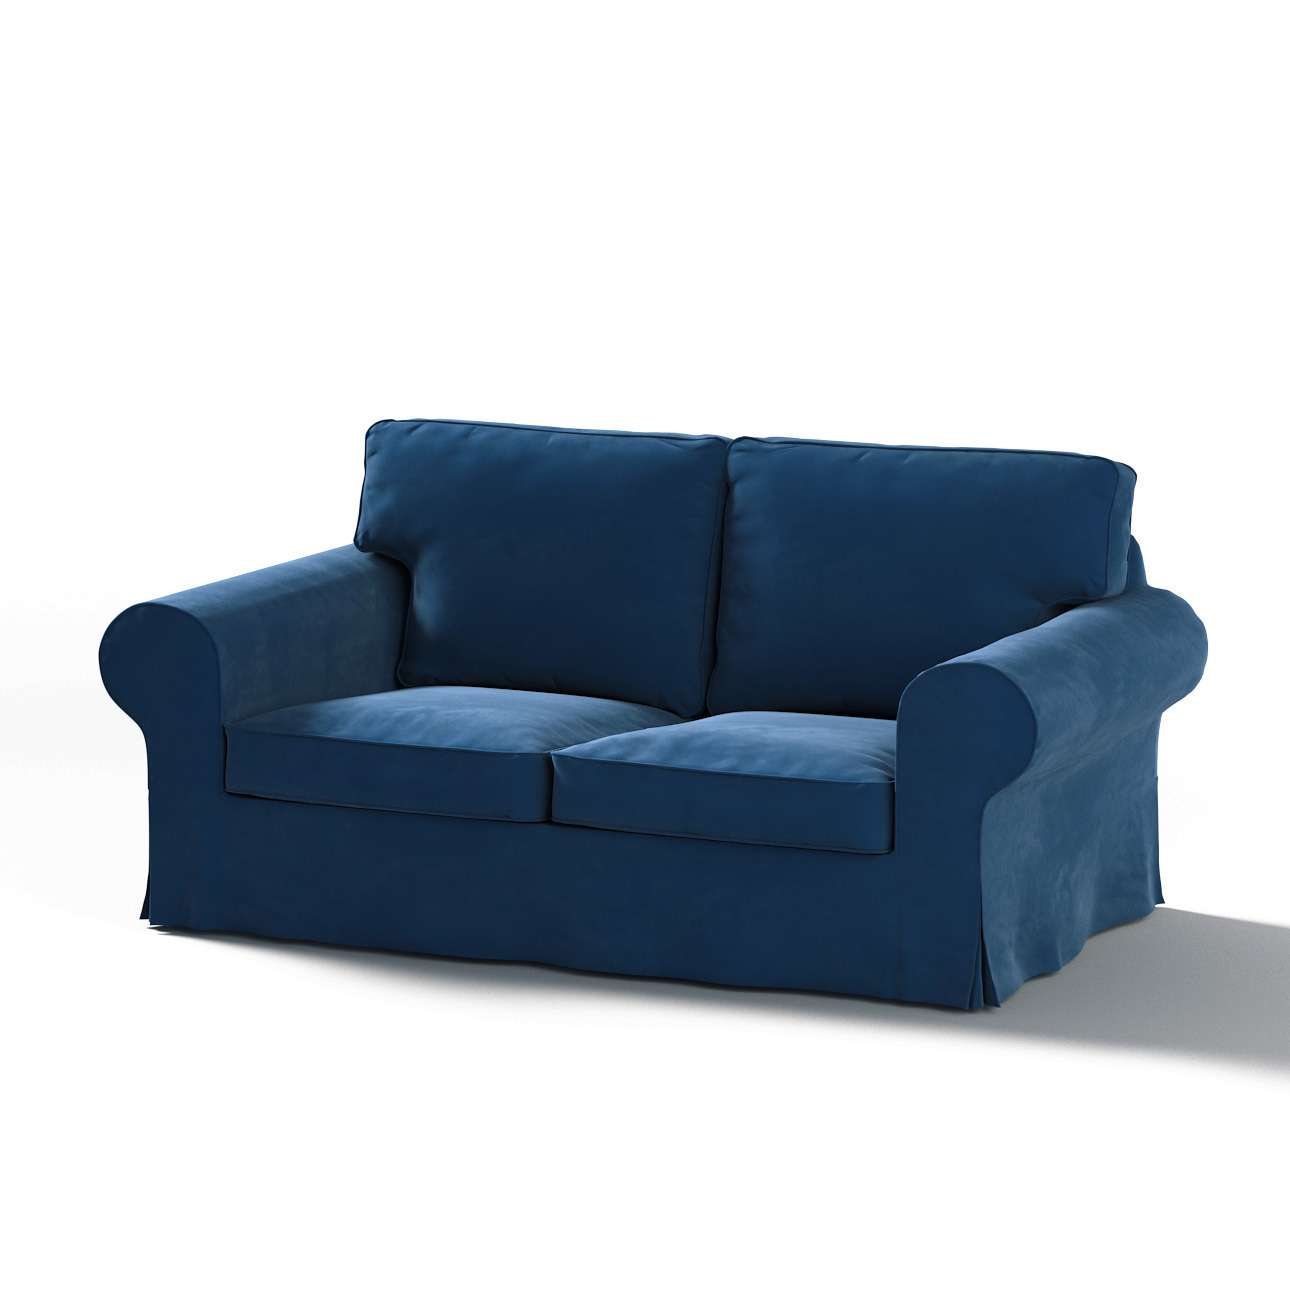 Pokrowiec na sofę Ektorp 2-osobową, rozkładaną, model do 2012 w kolekcji Velvet, tkanina: 704-29